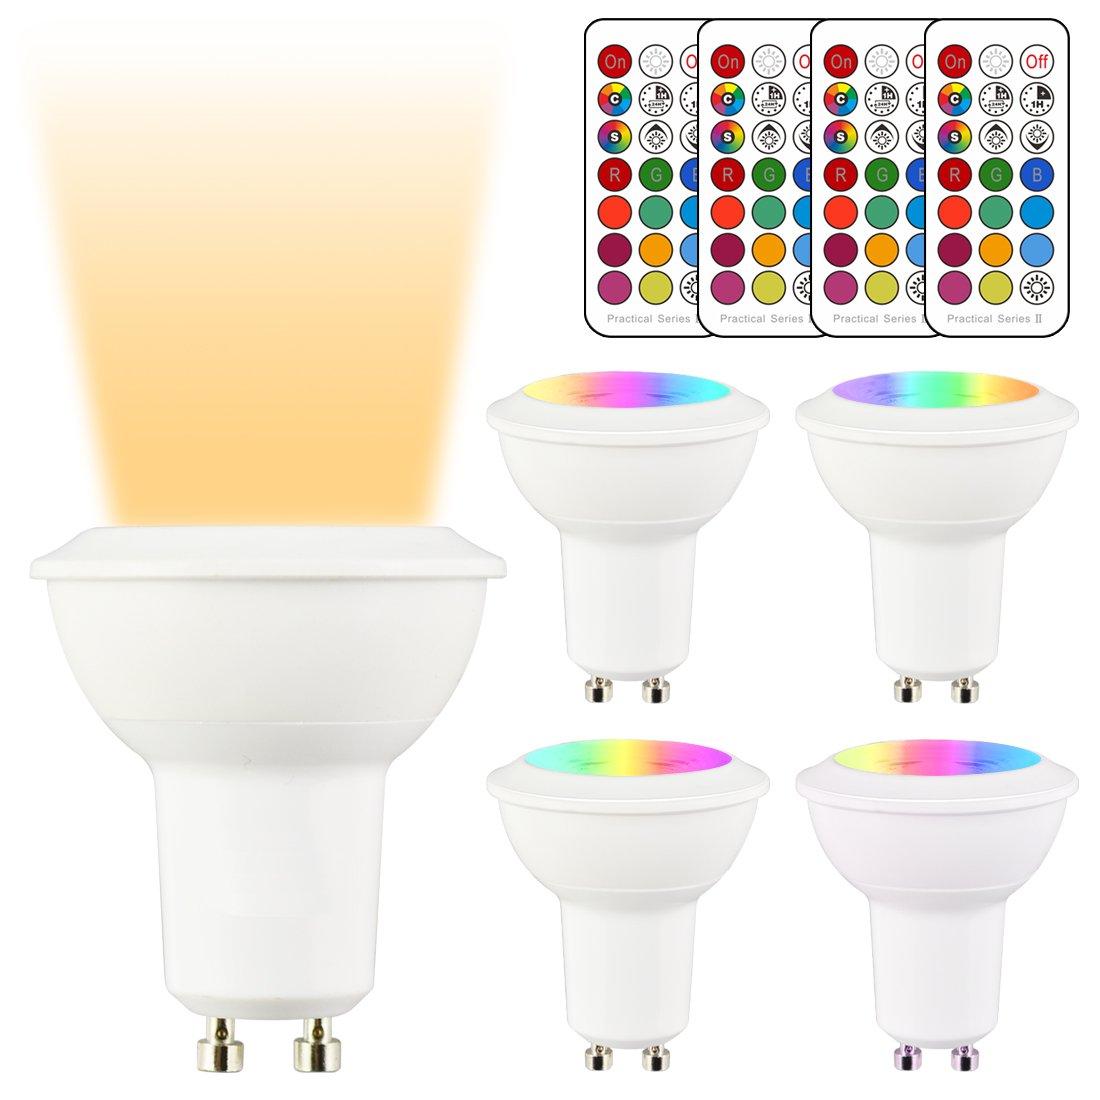 LightAurora Ampoule LED GU10 MR16 LED Dimmable 3W,ampoule de changement de couleur avec té lé commande,12 couleurs RGB + lumiè re blanche chaude, Double mé moire et contrô le d'interrupteur mural (Lot de 4)